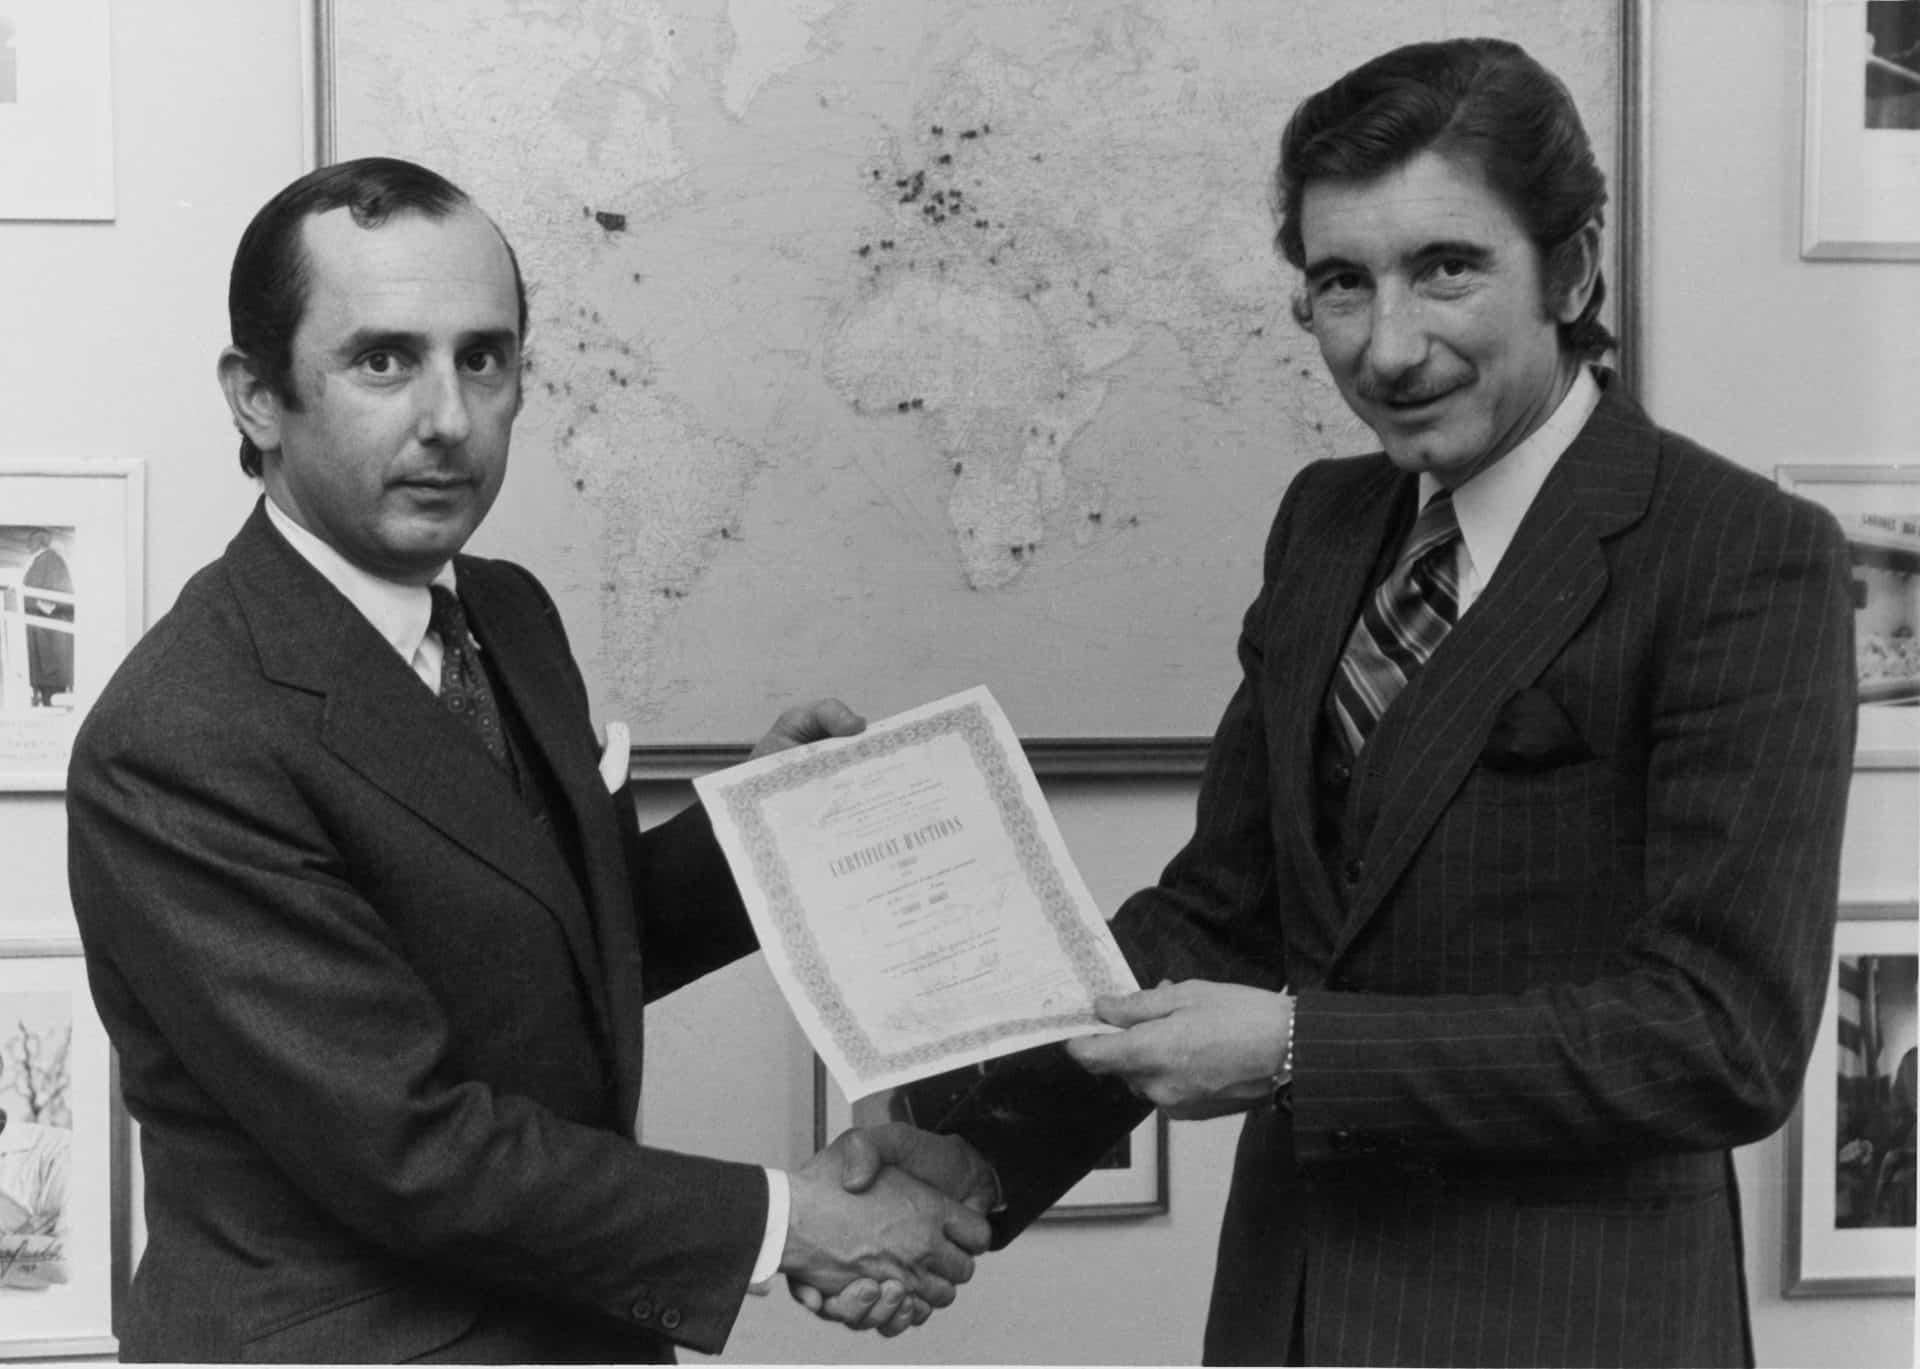 Jack W Heuer und Jo Siffert mit der unterzeichneten Vereinbarung